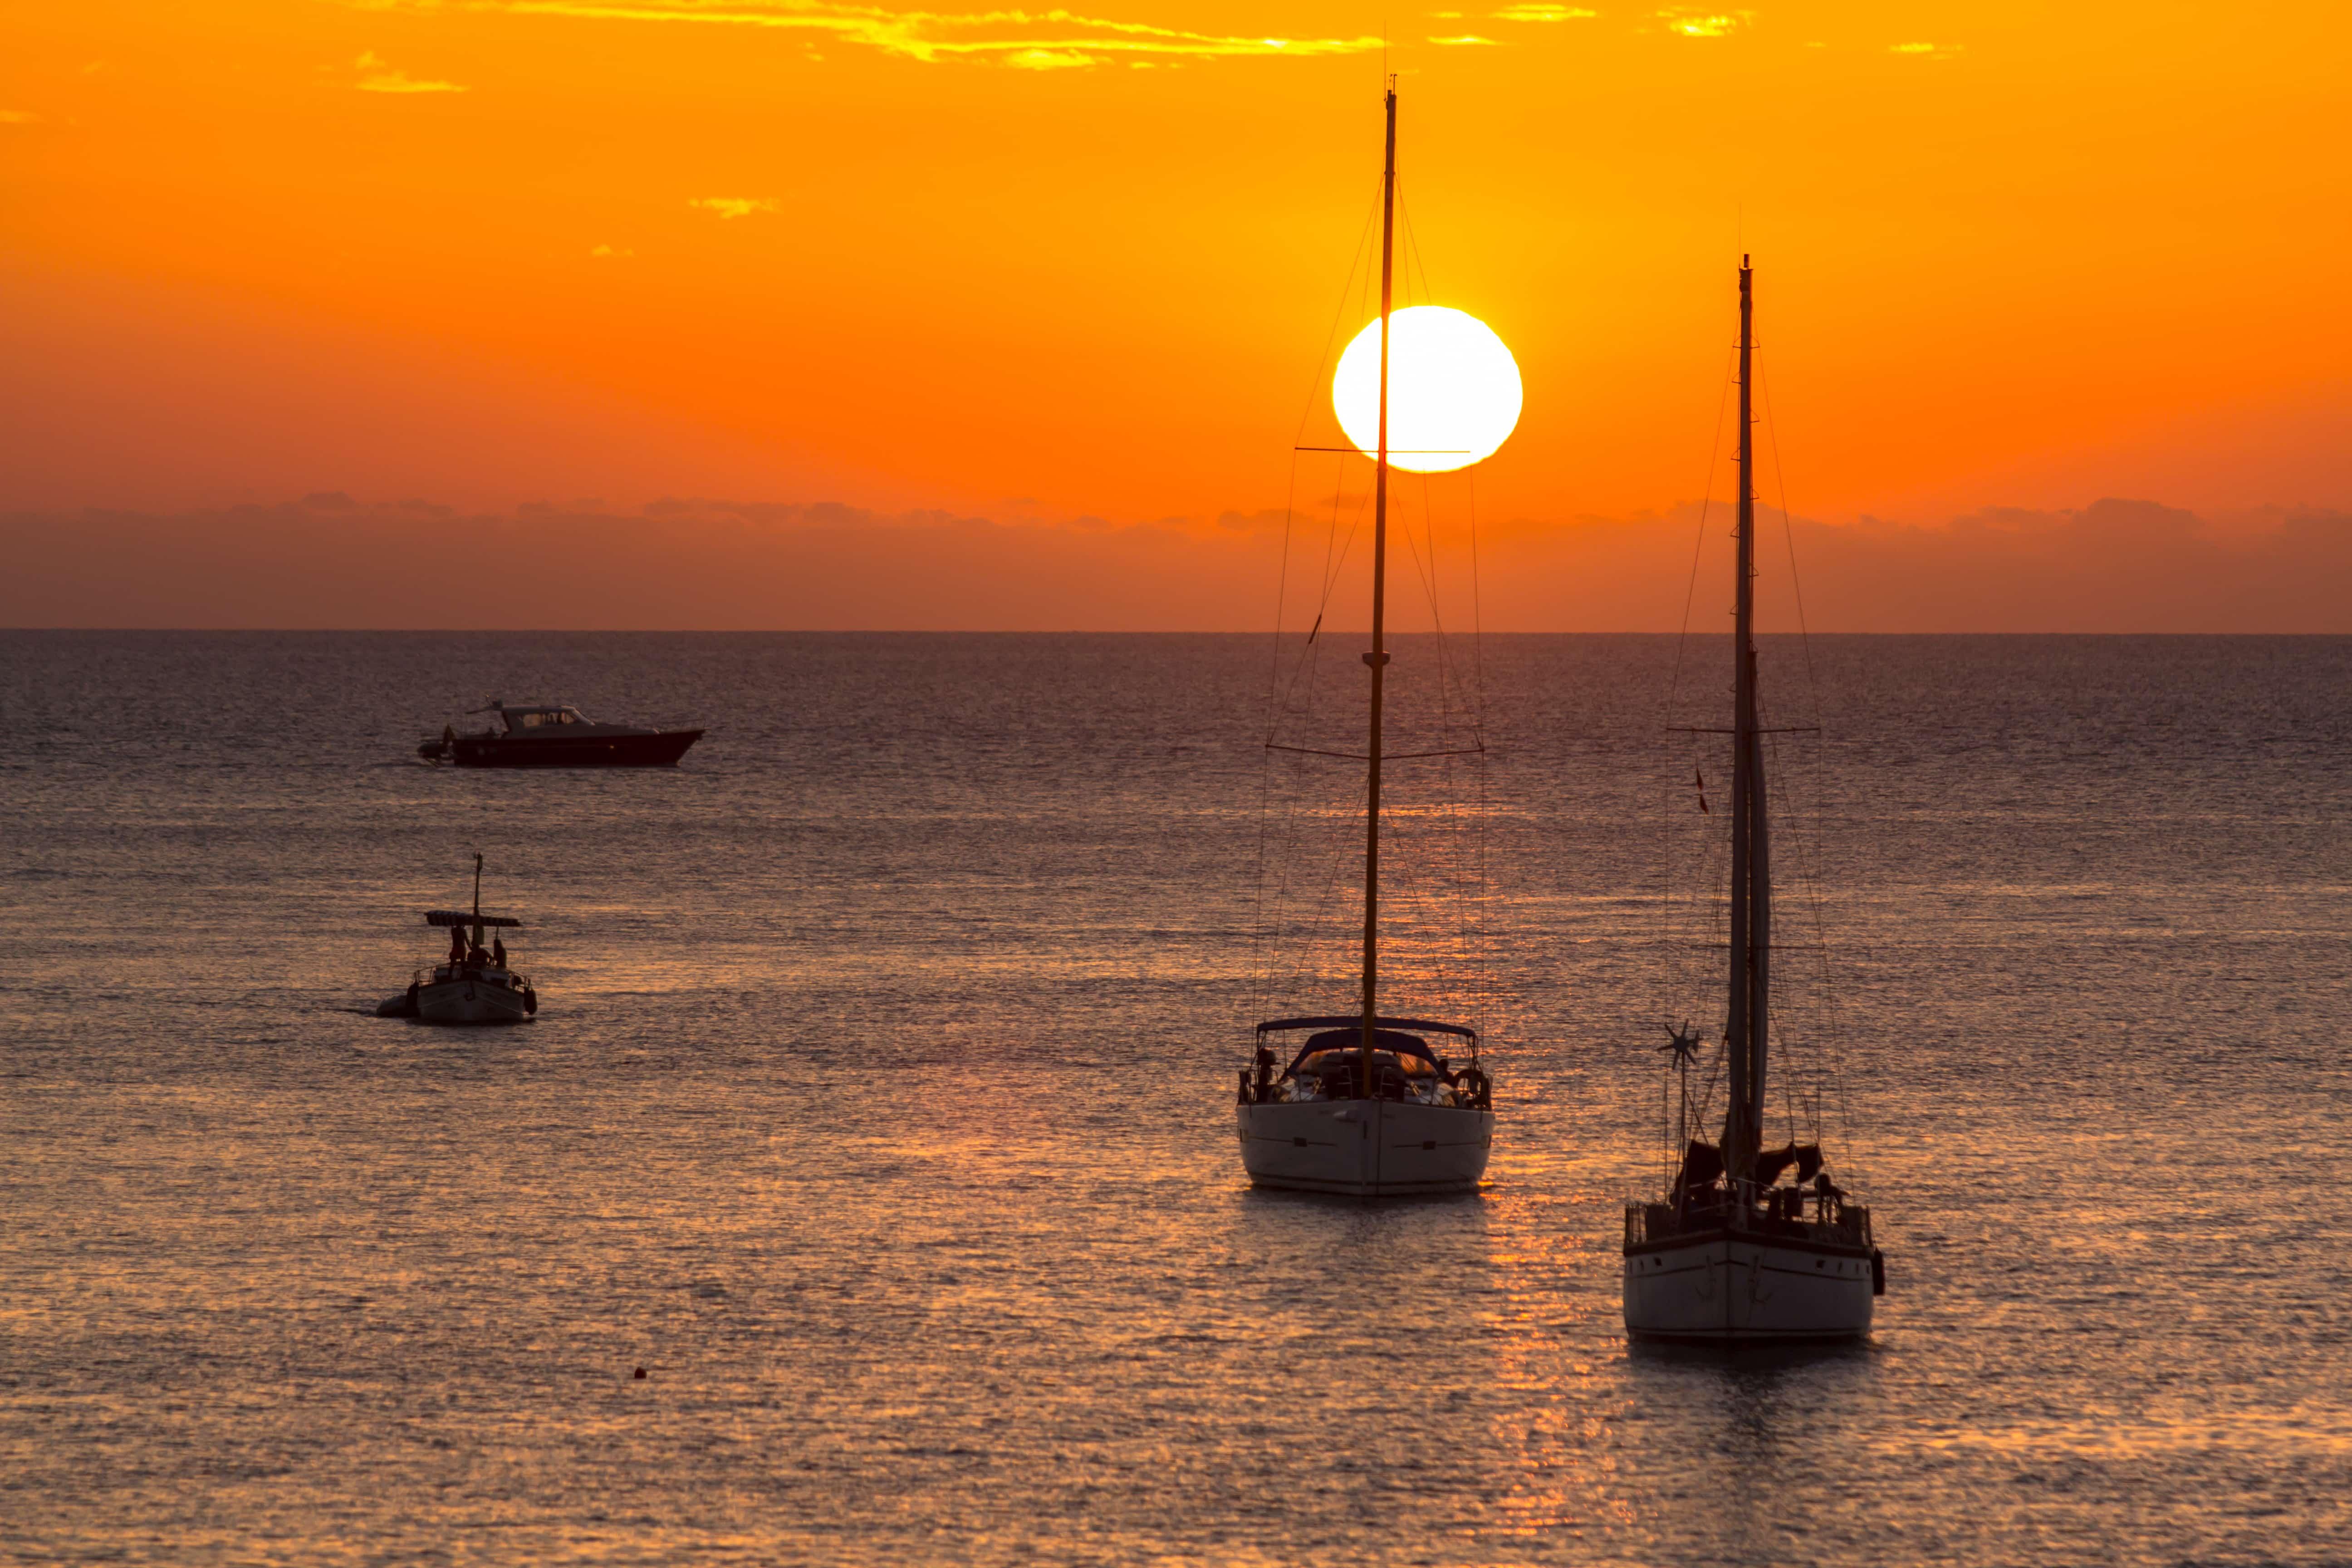 Paseo en barco viendo el amanecer Amanecer a bordo de un velero